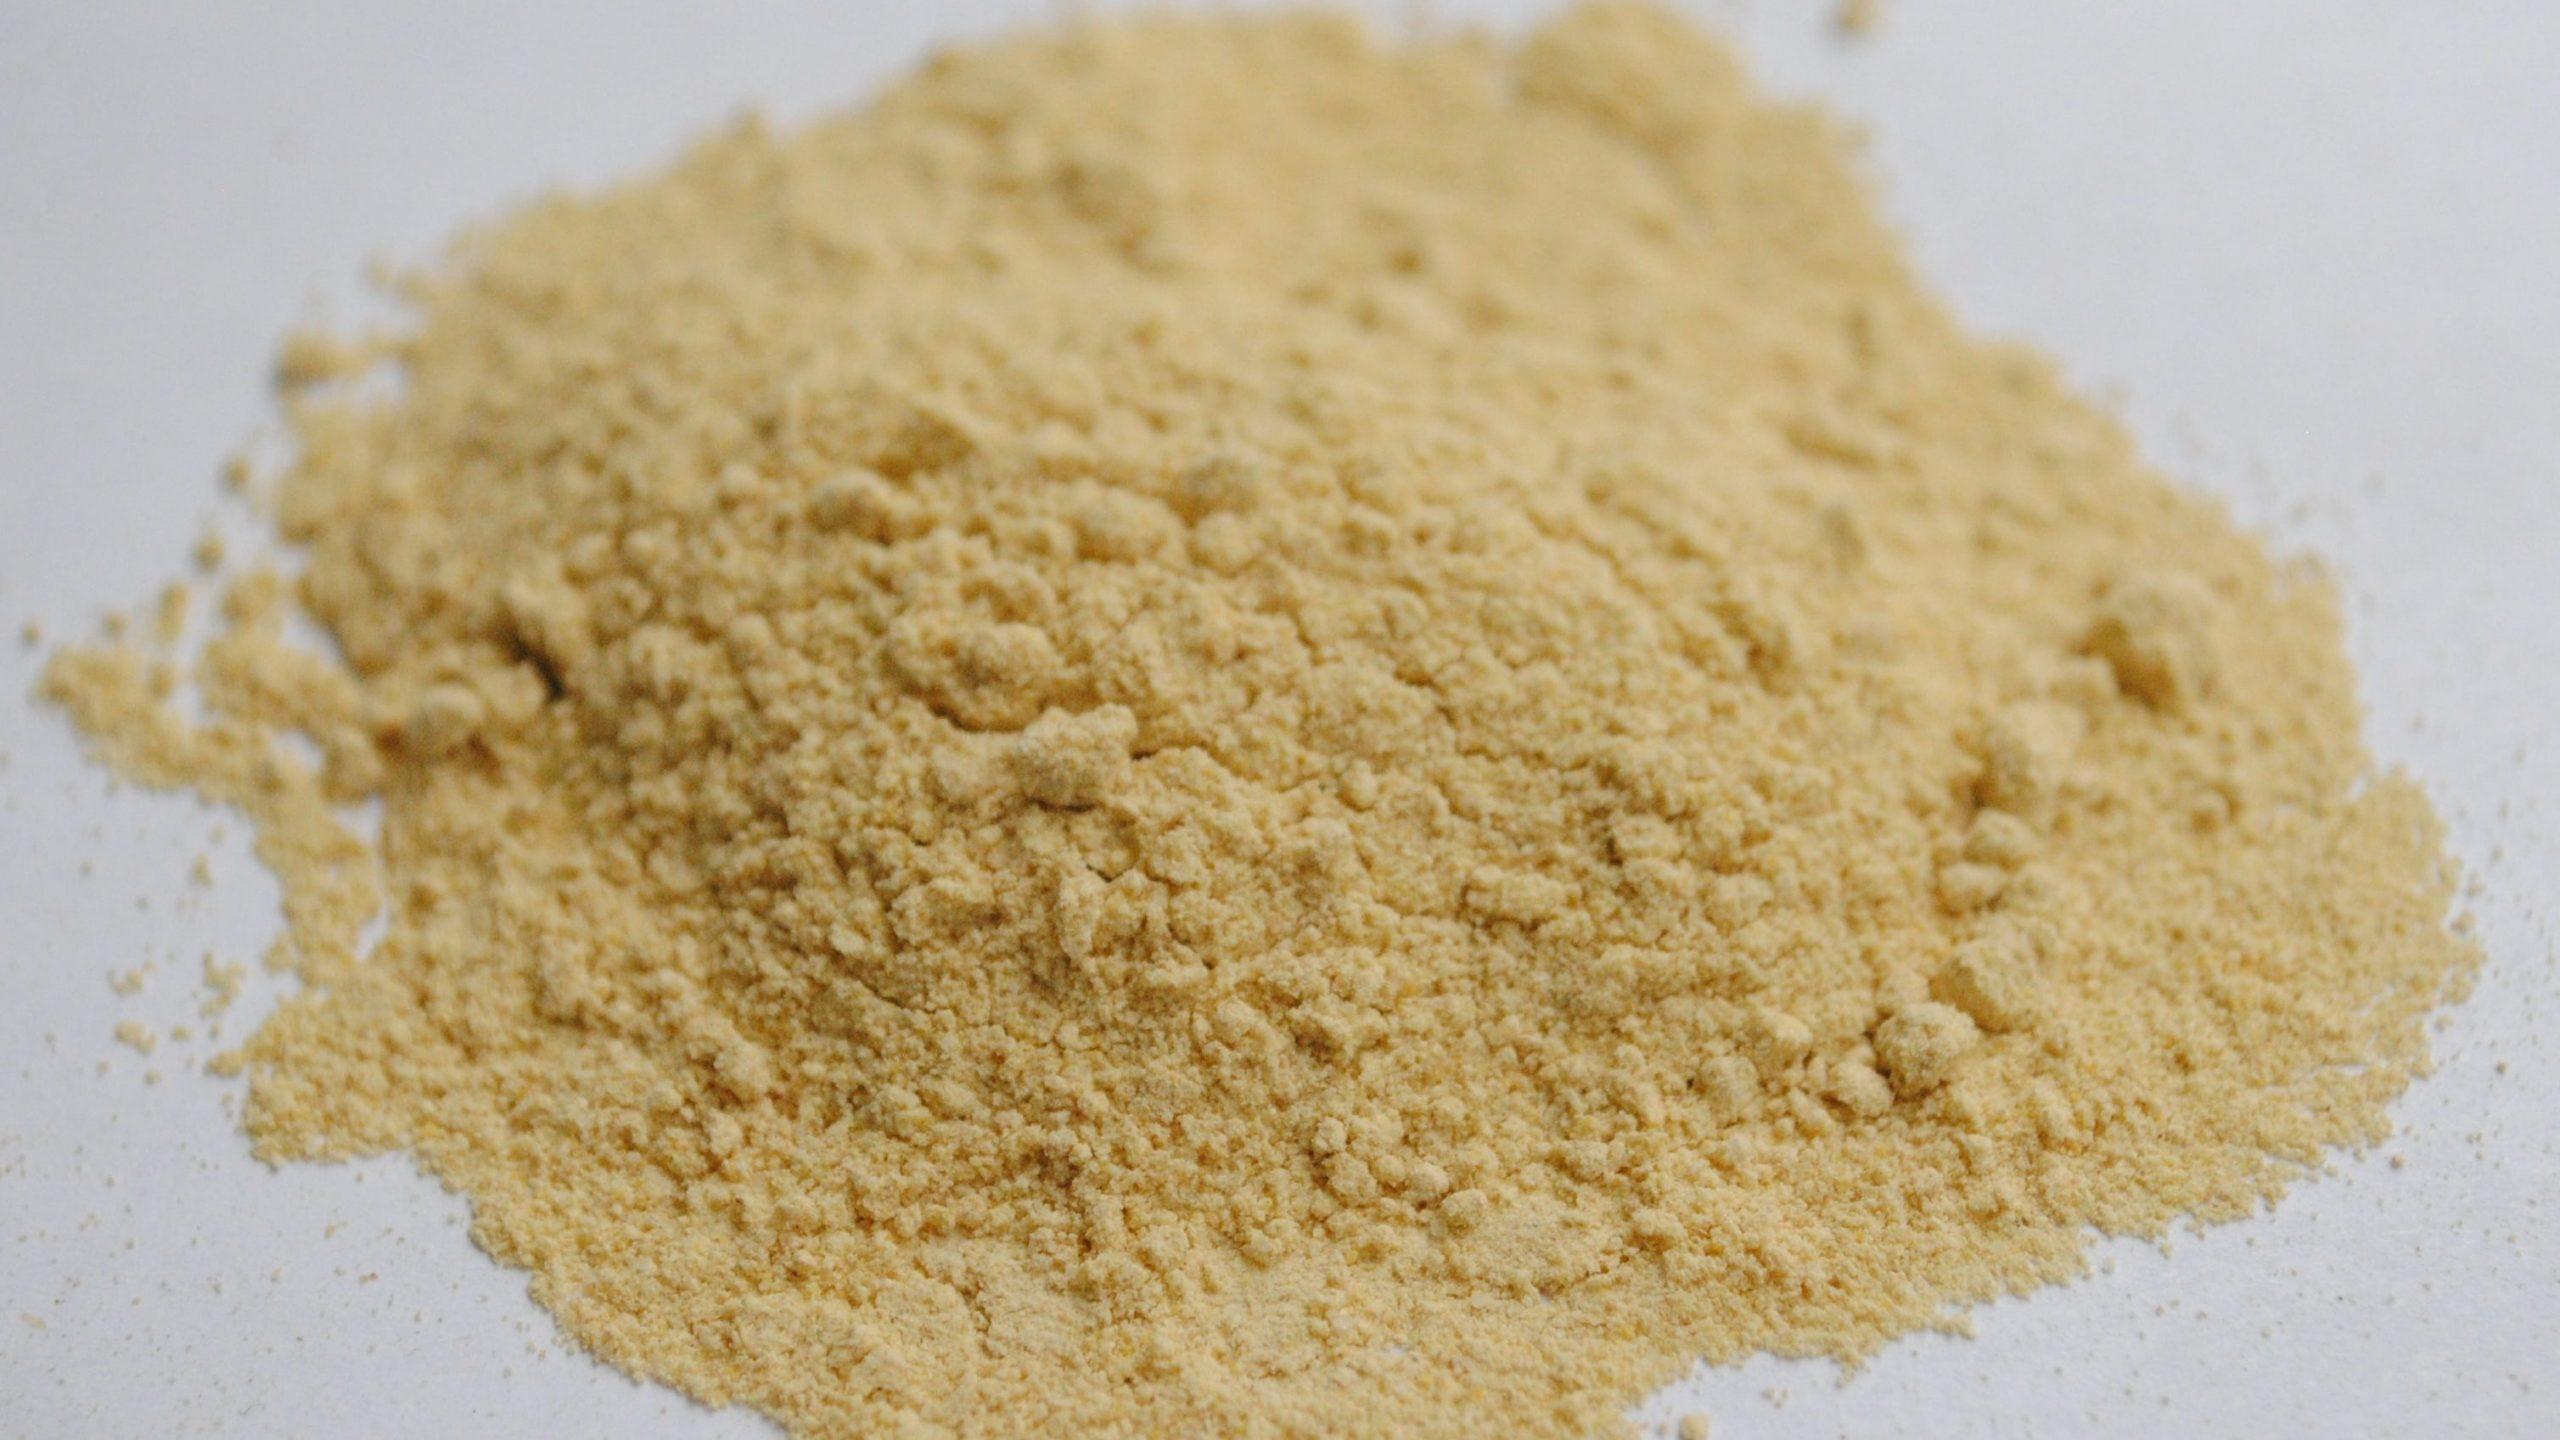 Ashwagandha powder for stress